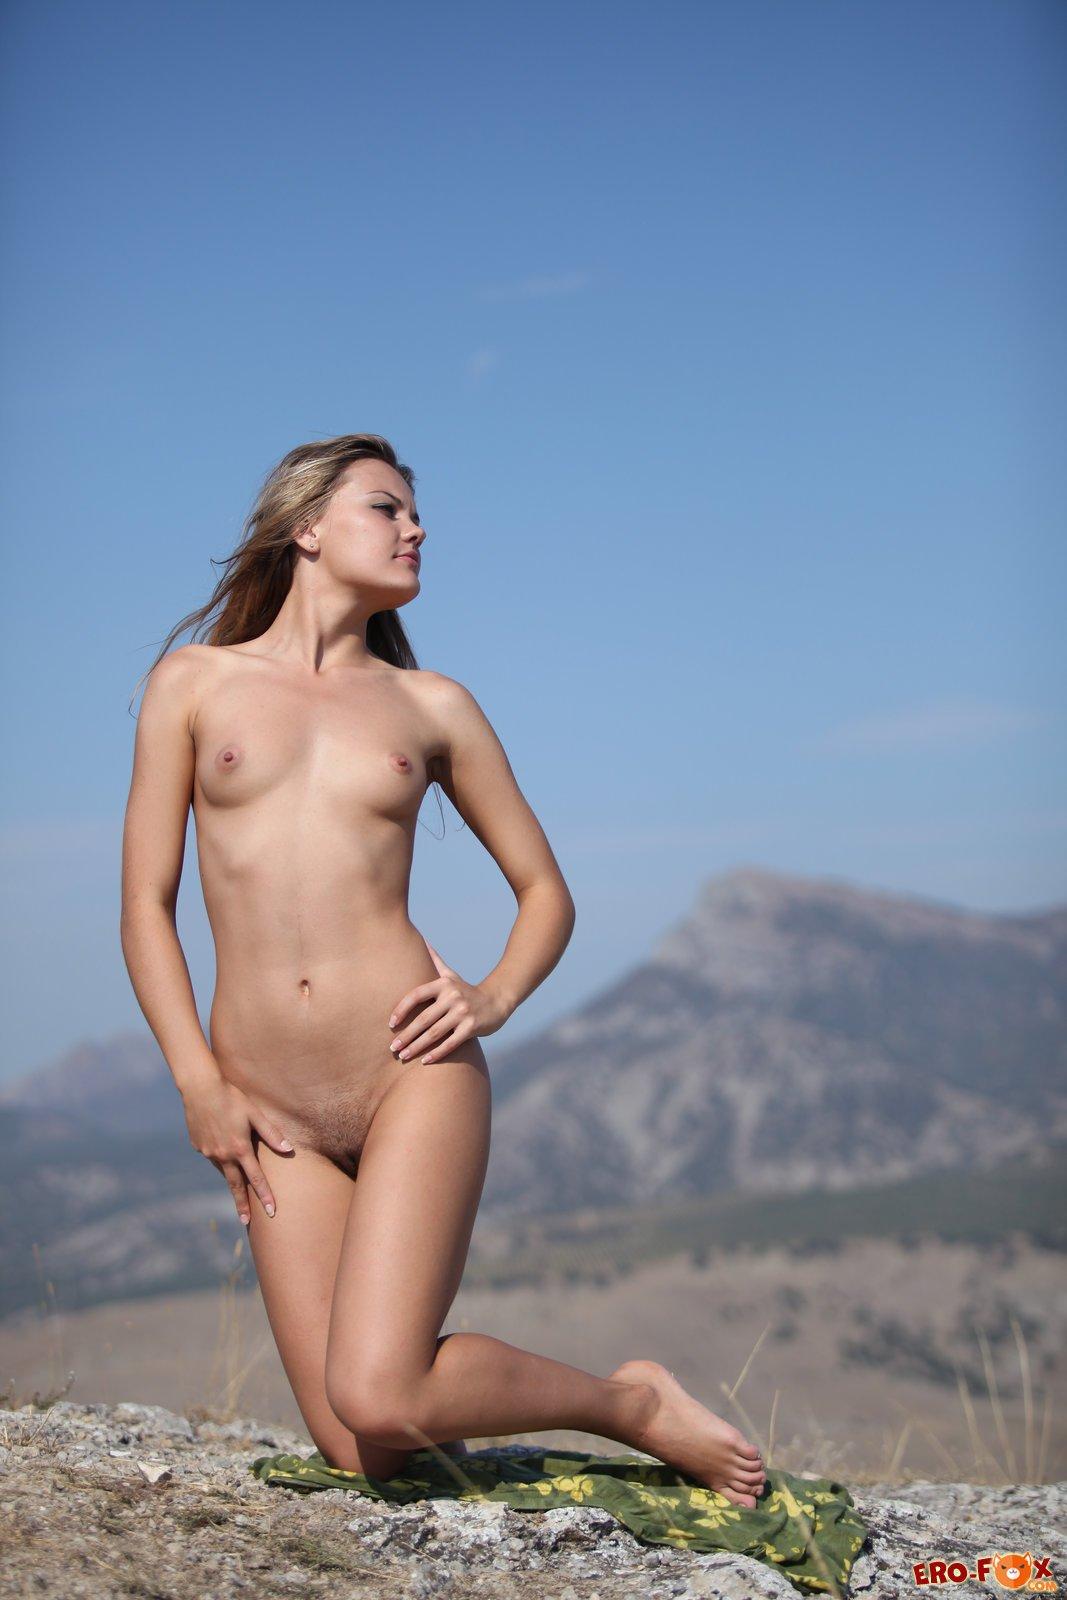 Сексуальная девушка позирует голая в горах